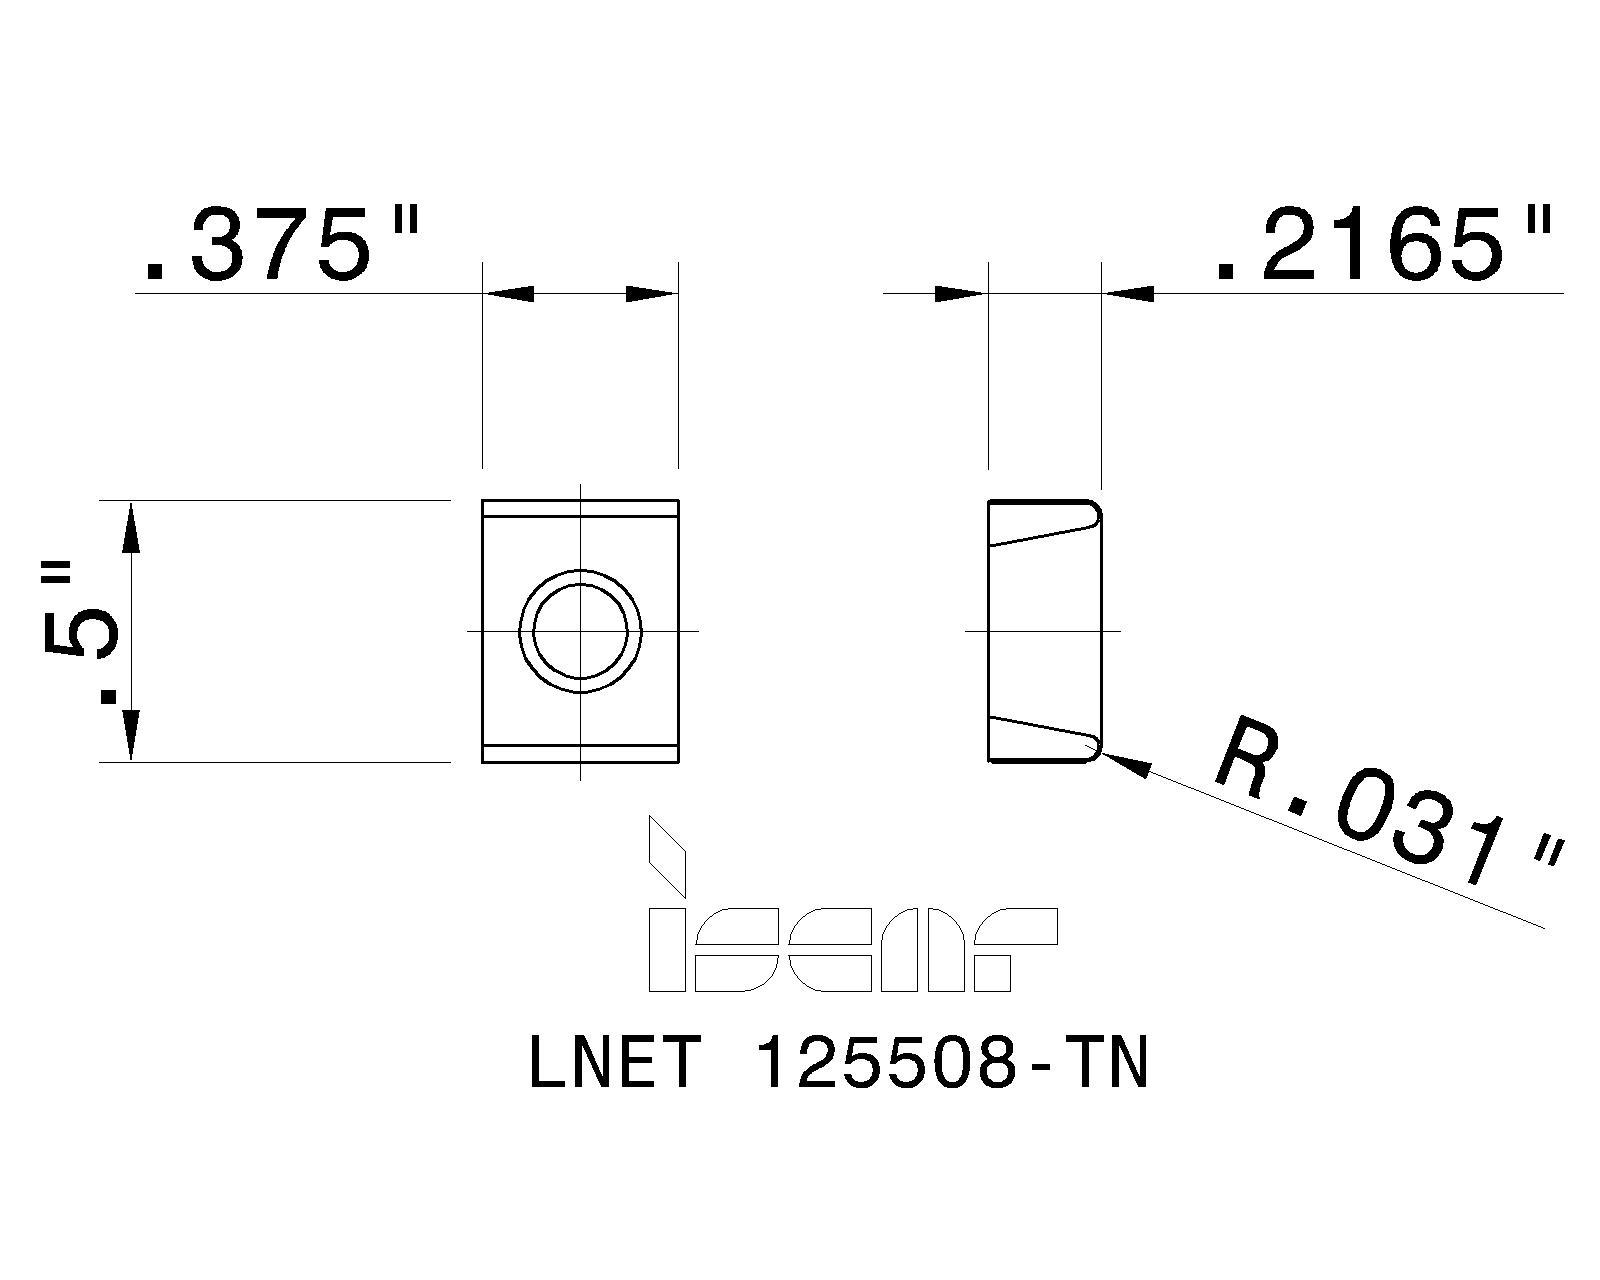 LNET 125504-TN IC928